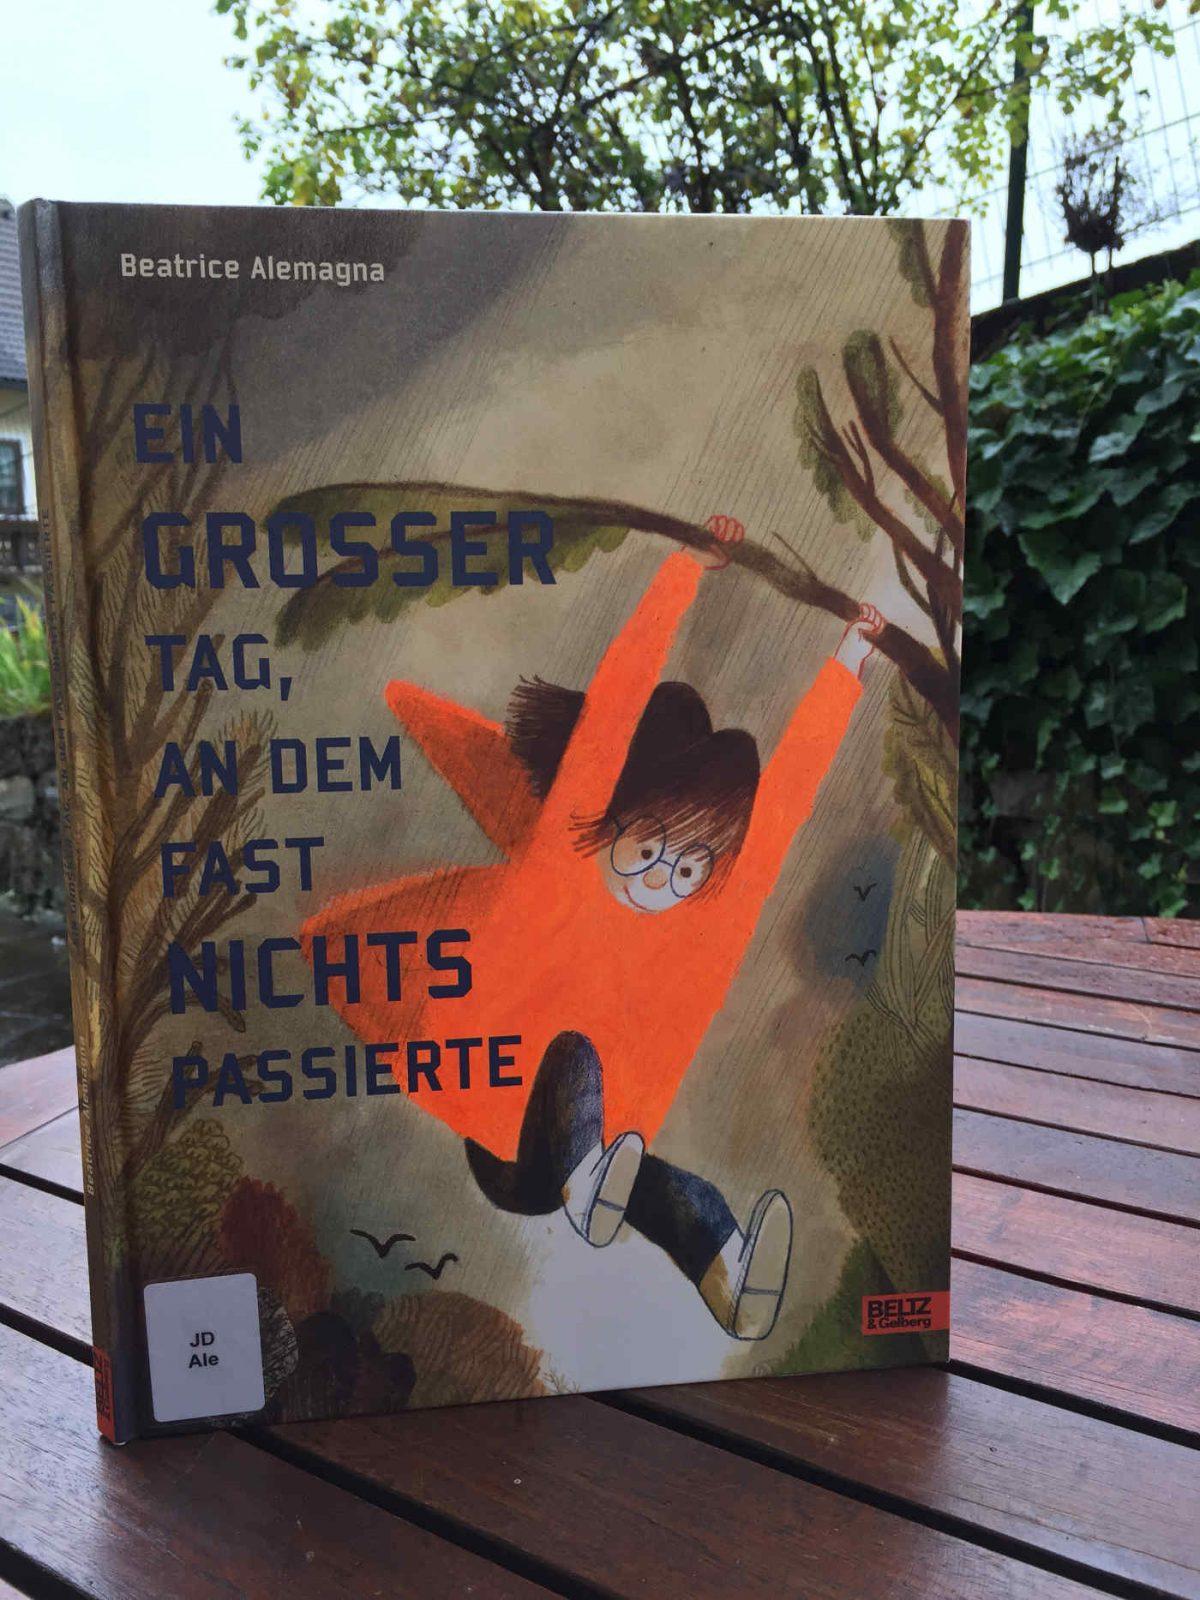 Beatrice Alemagna Ein grosser Tag, an dem fast nichts passierte großer Brigitte Wallingers Kinderbuchblog Bilderbuchtipp Buchempfehlung für Kinder geniales Buch